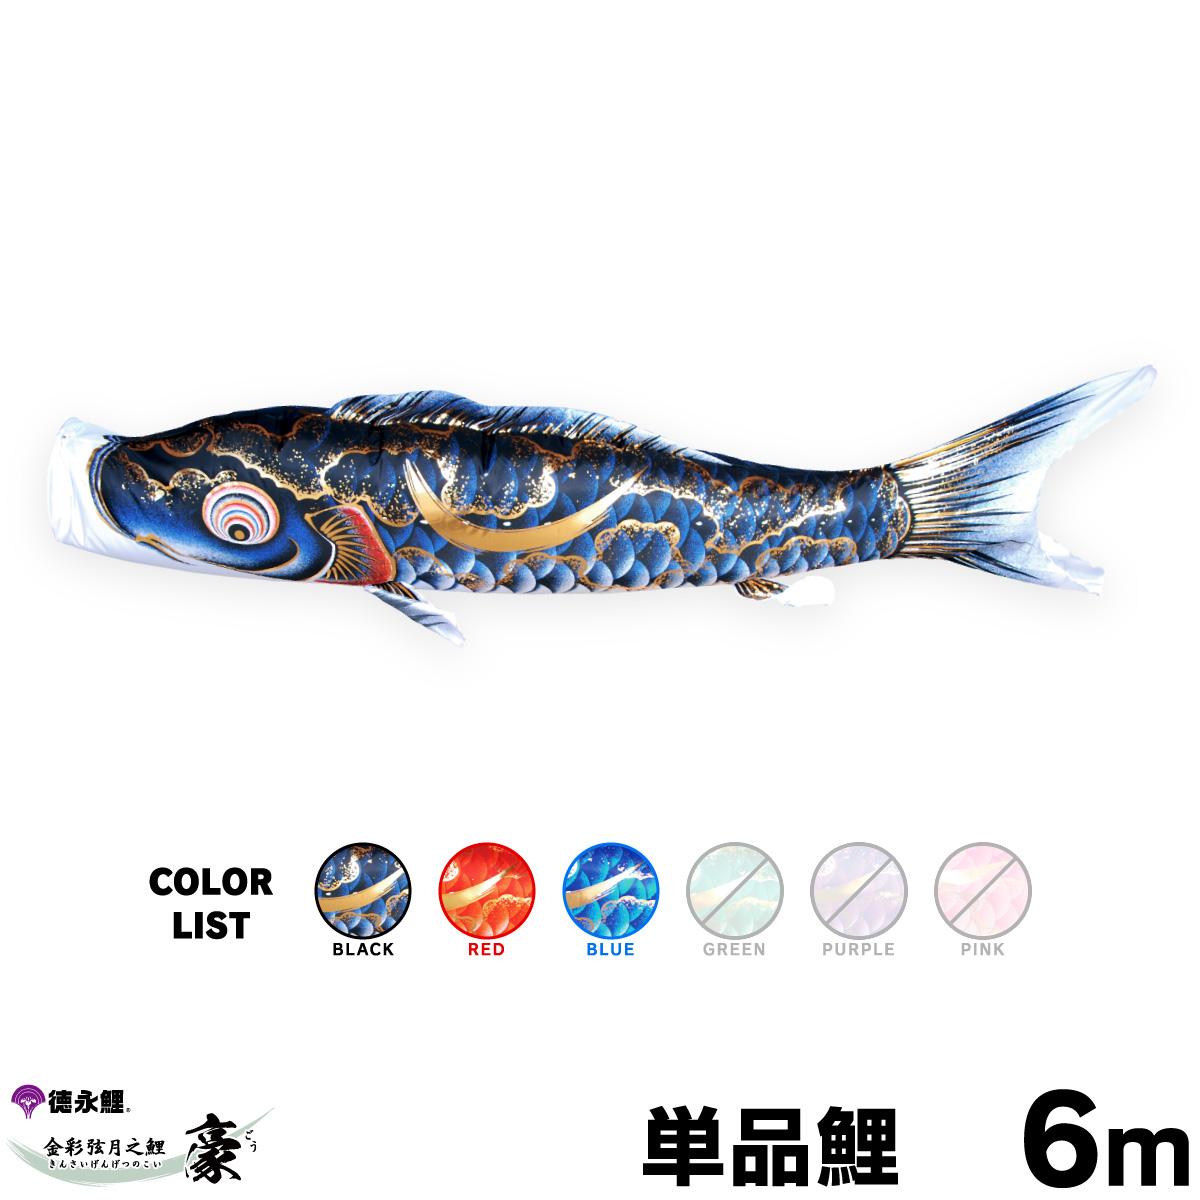 【こいのぼり 単品】 豪 6m 単品鯉 黒 赤 青